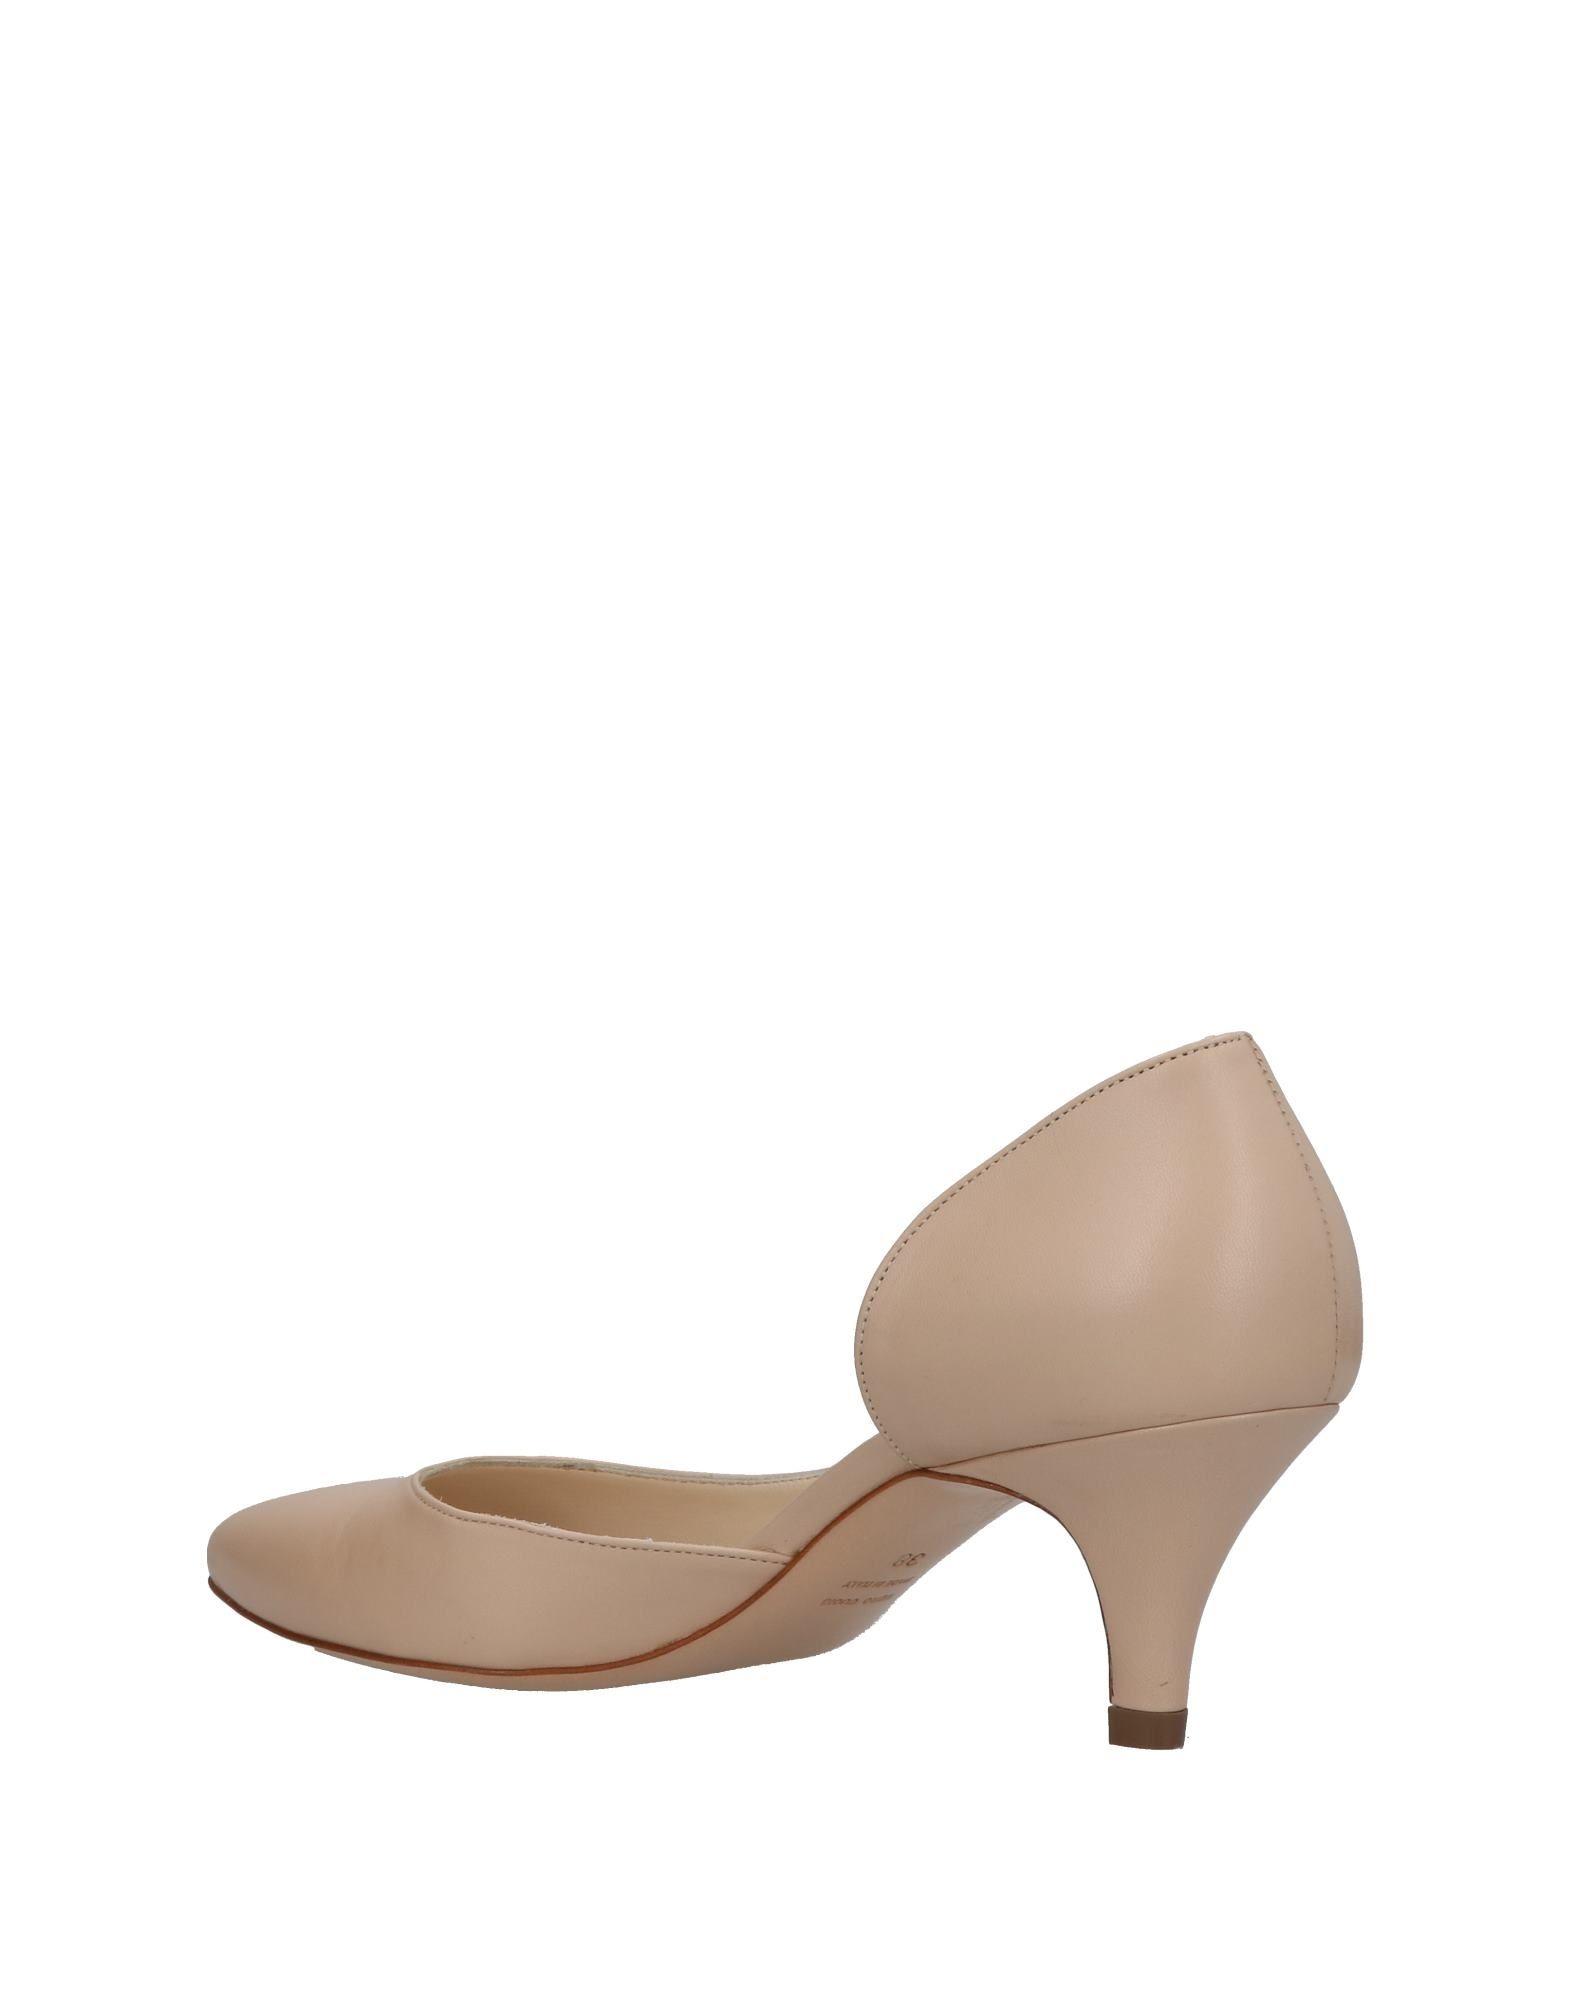 Cartechini Pumps Damen  11381886EX Gute Qualität beliebte Schuhe